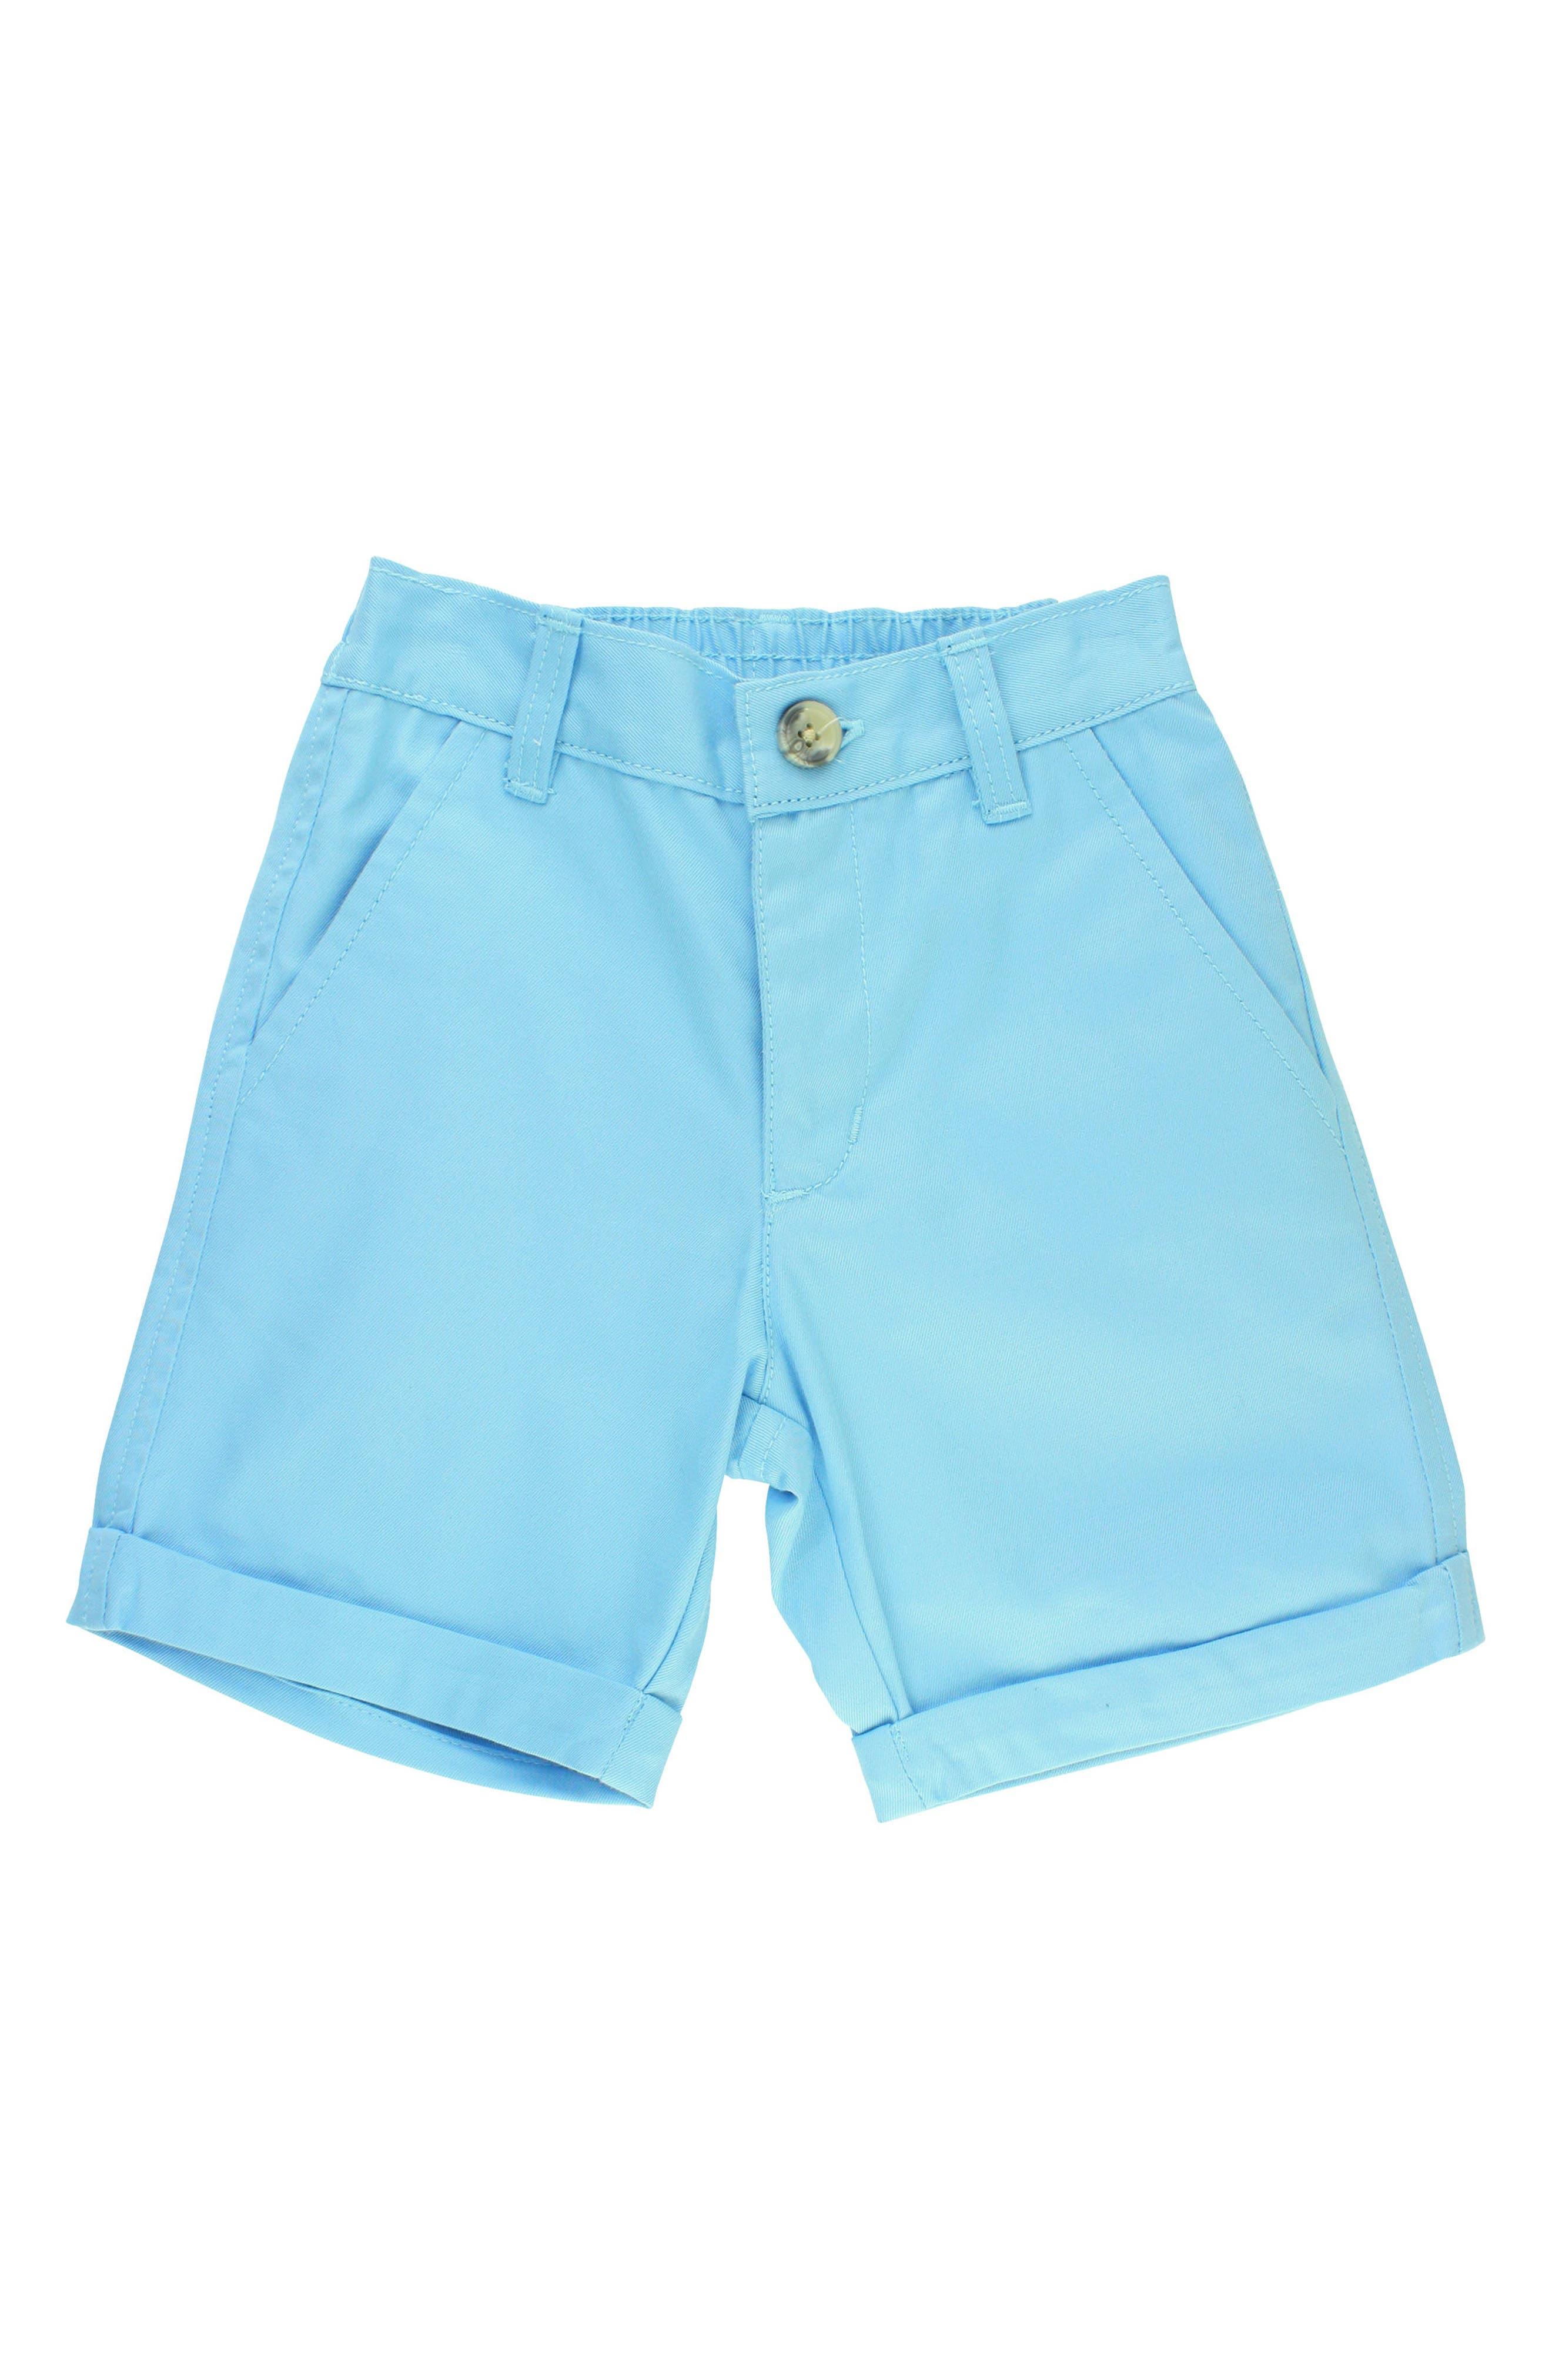 Chino Shorts,                         Main,                         color, 400